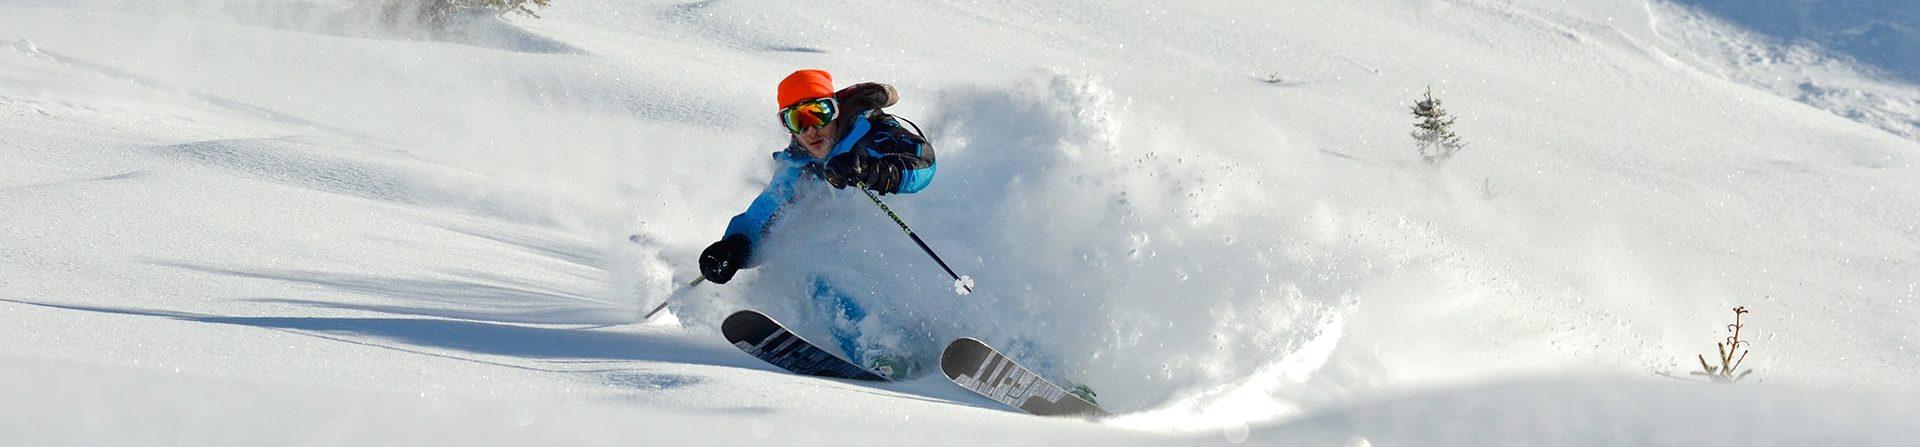 Skieur en freeride dans la neige poudreuse